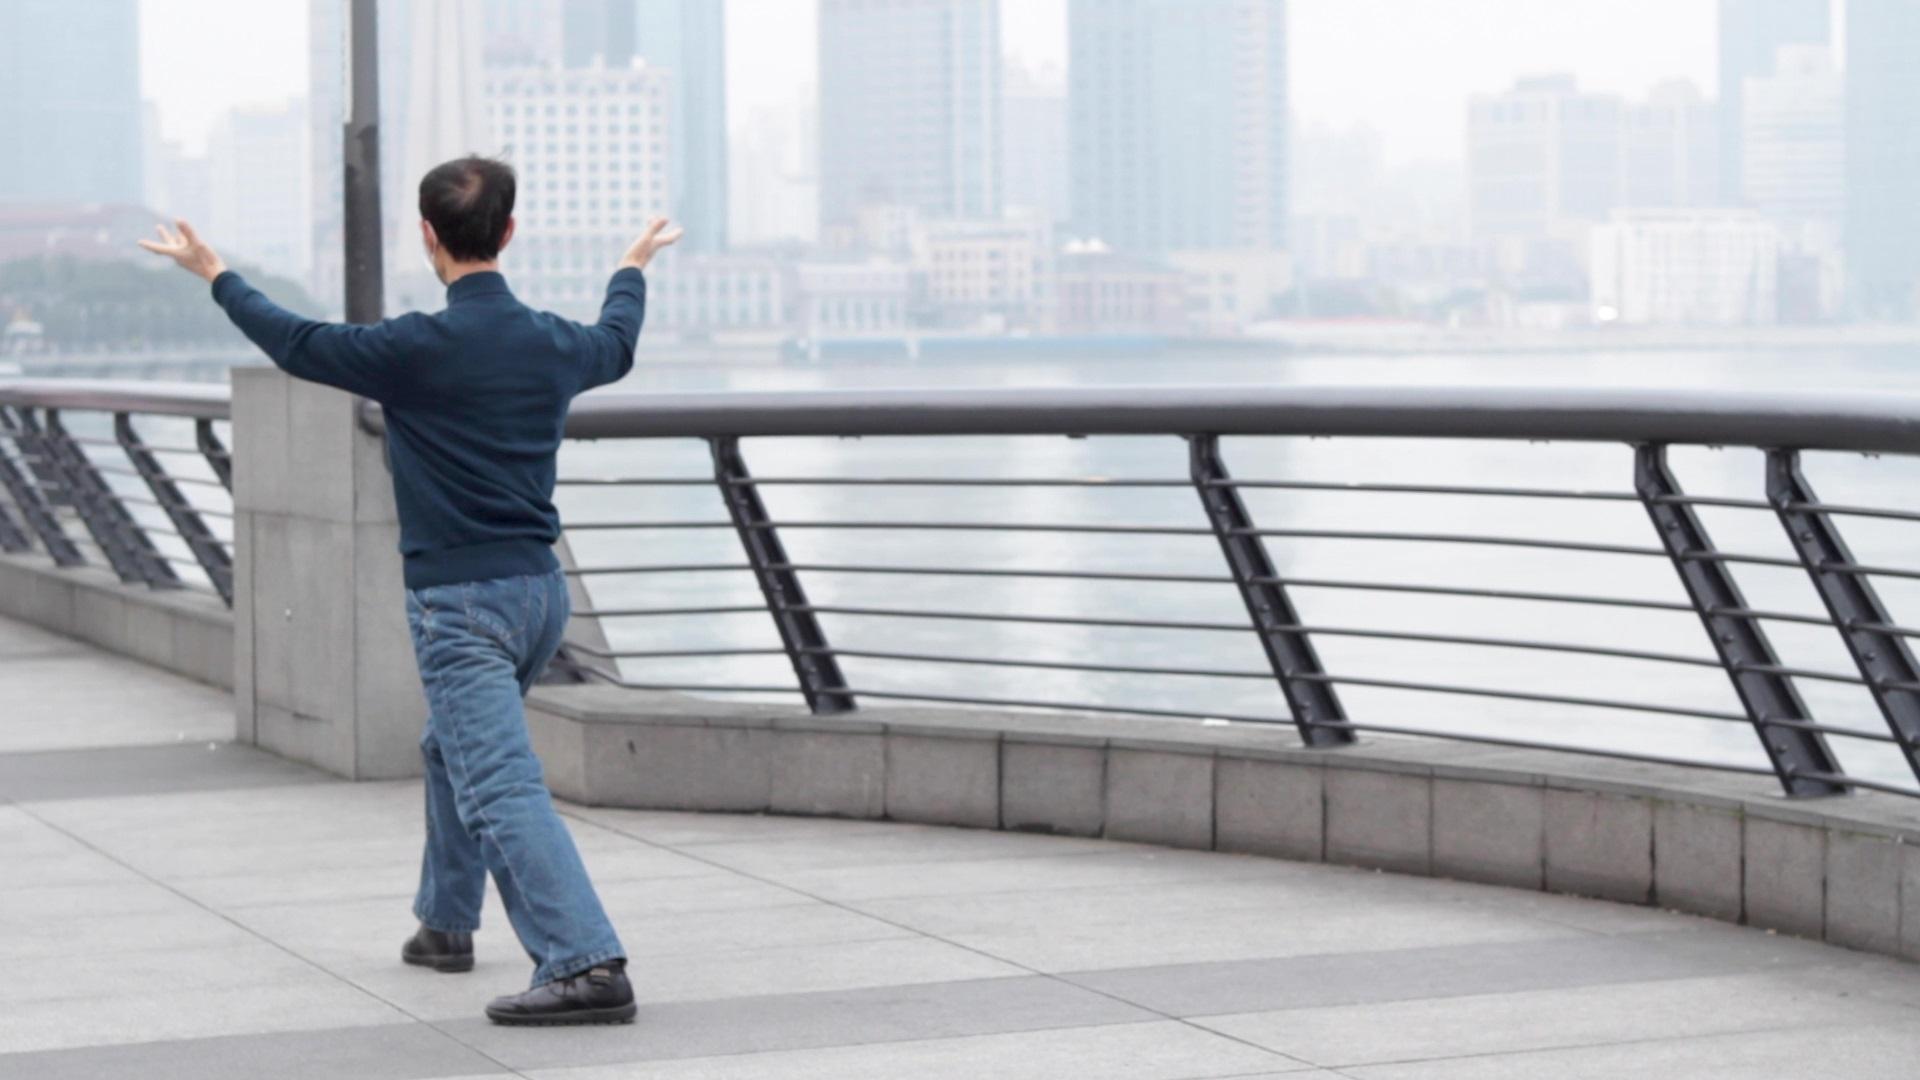 Yuxin Jiang: Empatikus nézőpont című többcsatornás videoinstalláció, részlet, 2021 © Yuxin Jiang